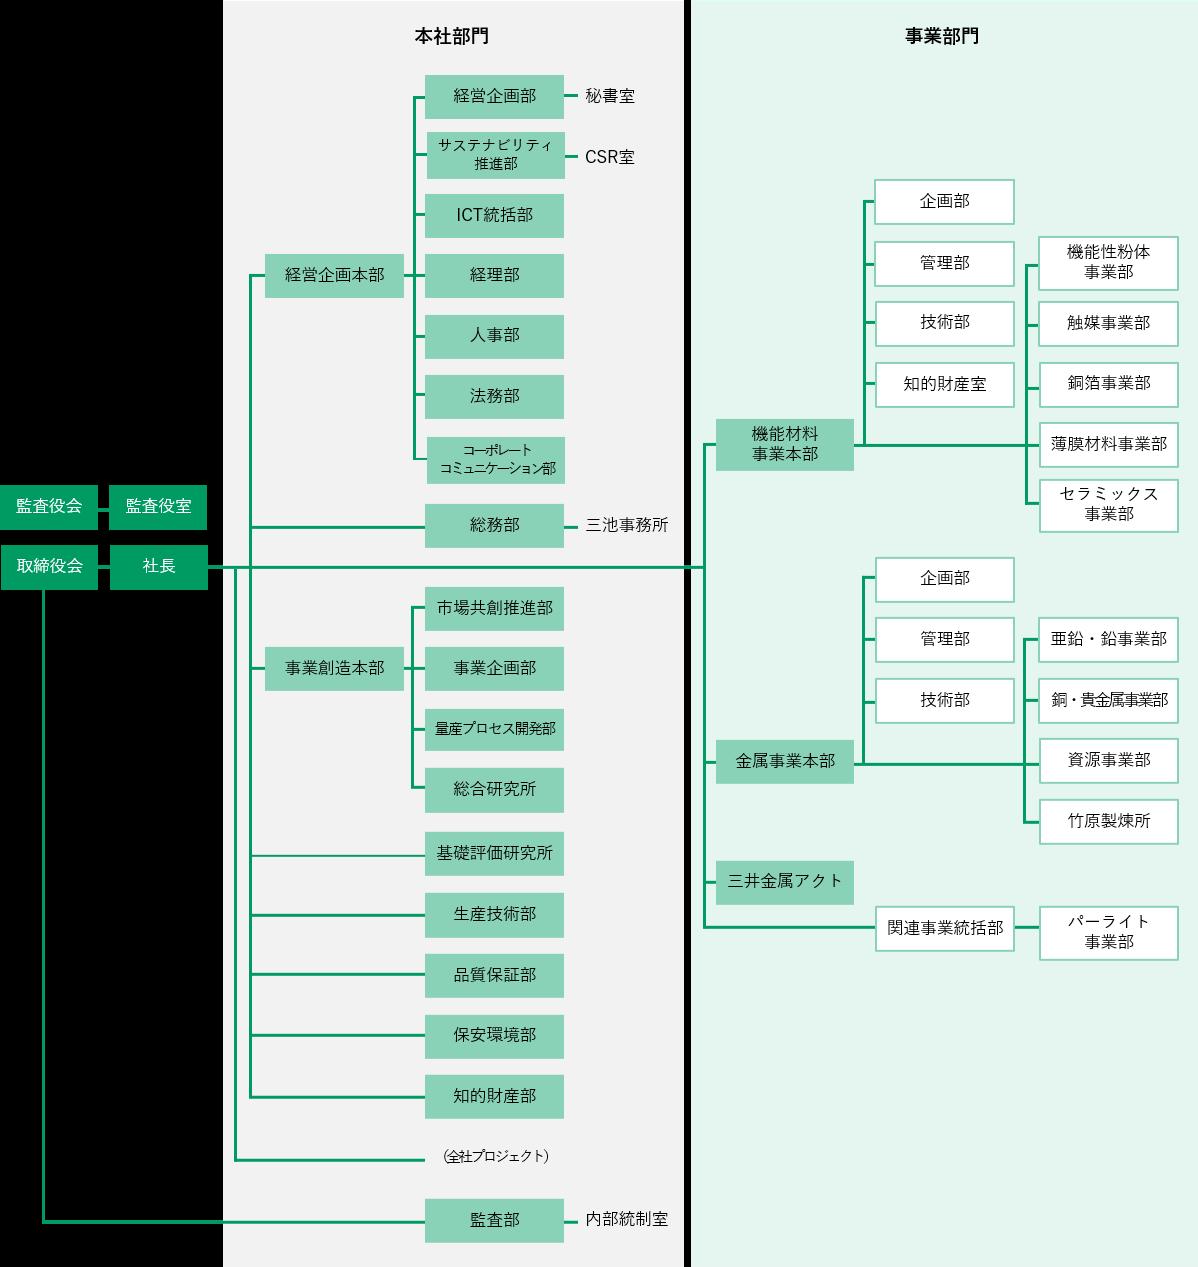 株価 鉱業 三井 金属 三井金属鉱業(5706)の目標株価・レーティング